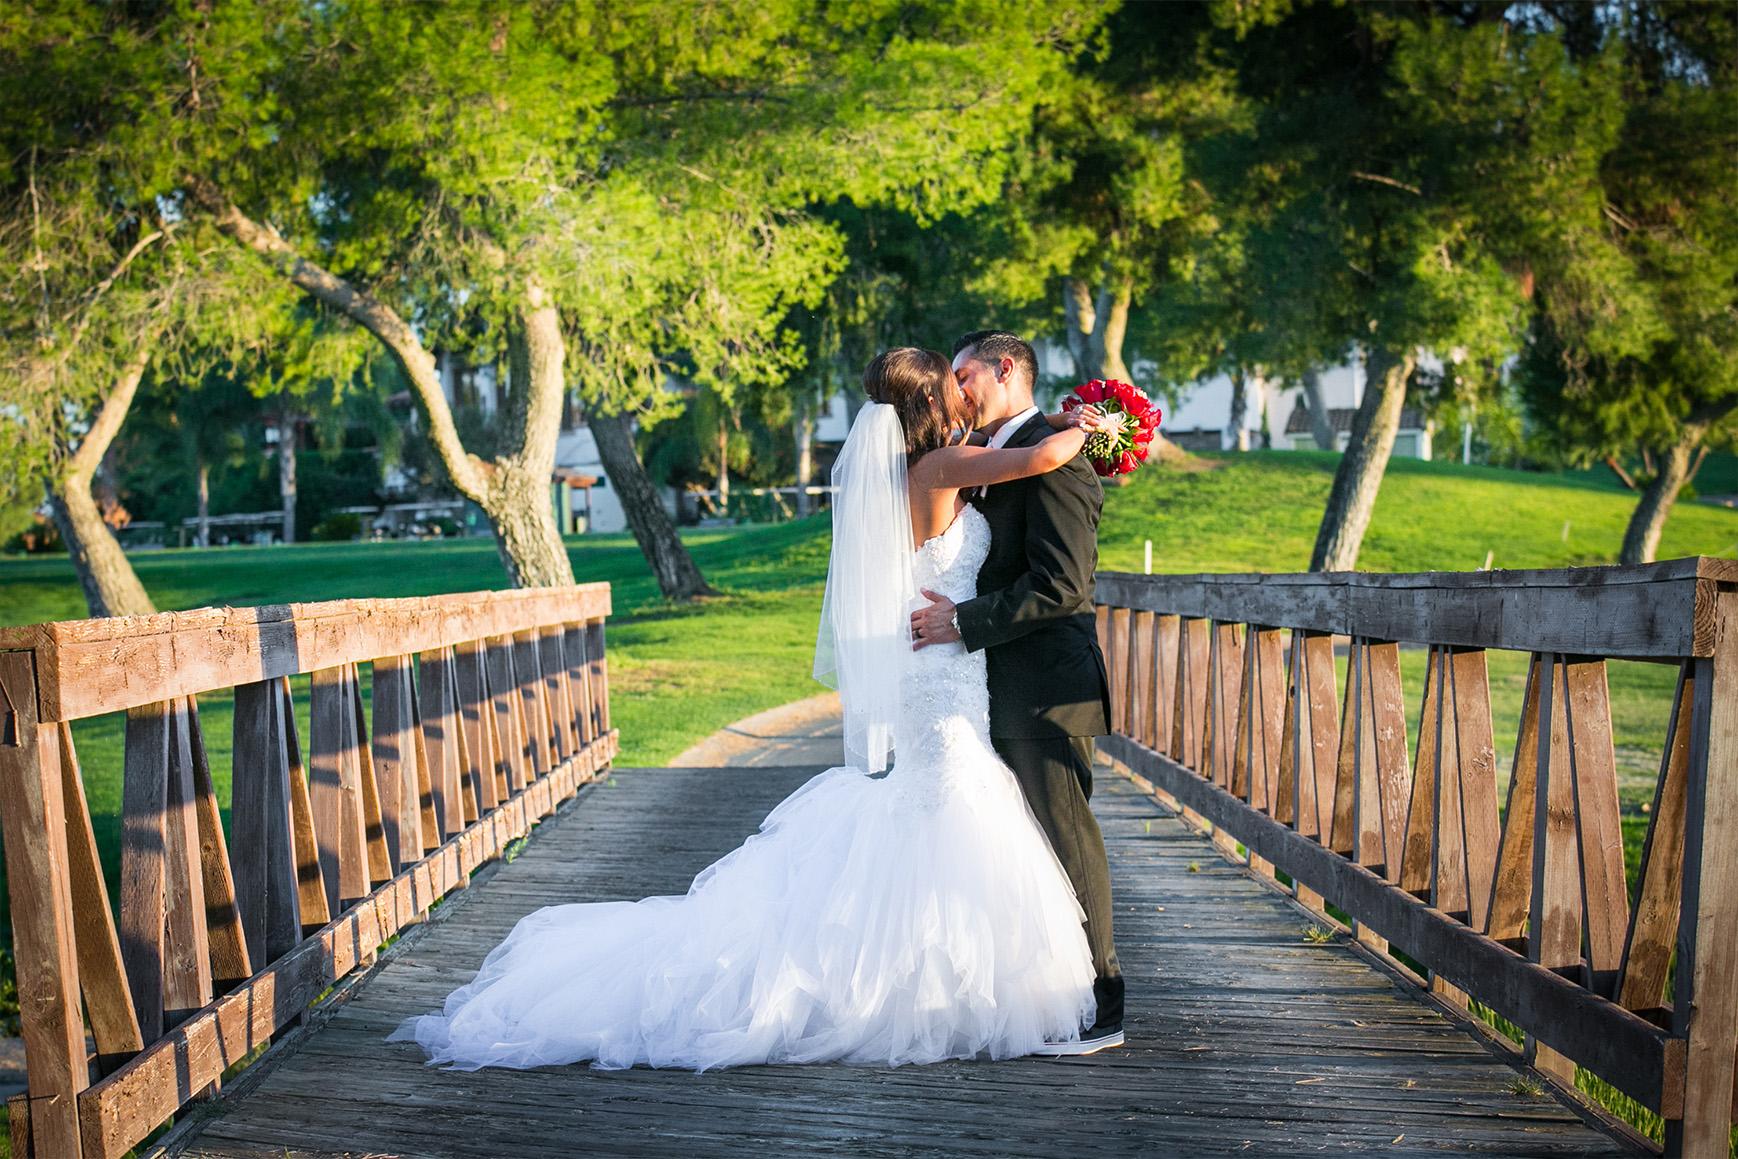 Kiss on the bridge - Menifee Lakes - Menifee, California - Riverside County - Wedgewood Weddings